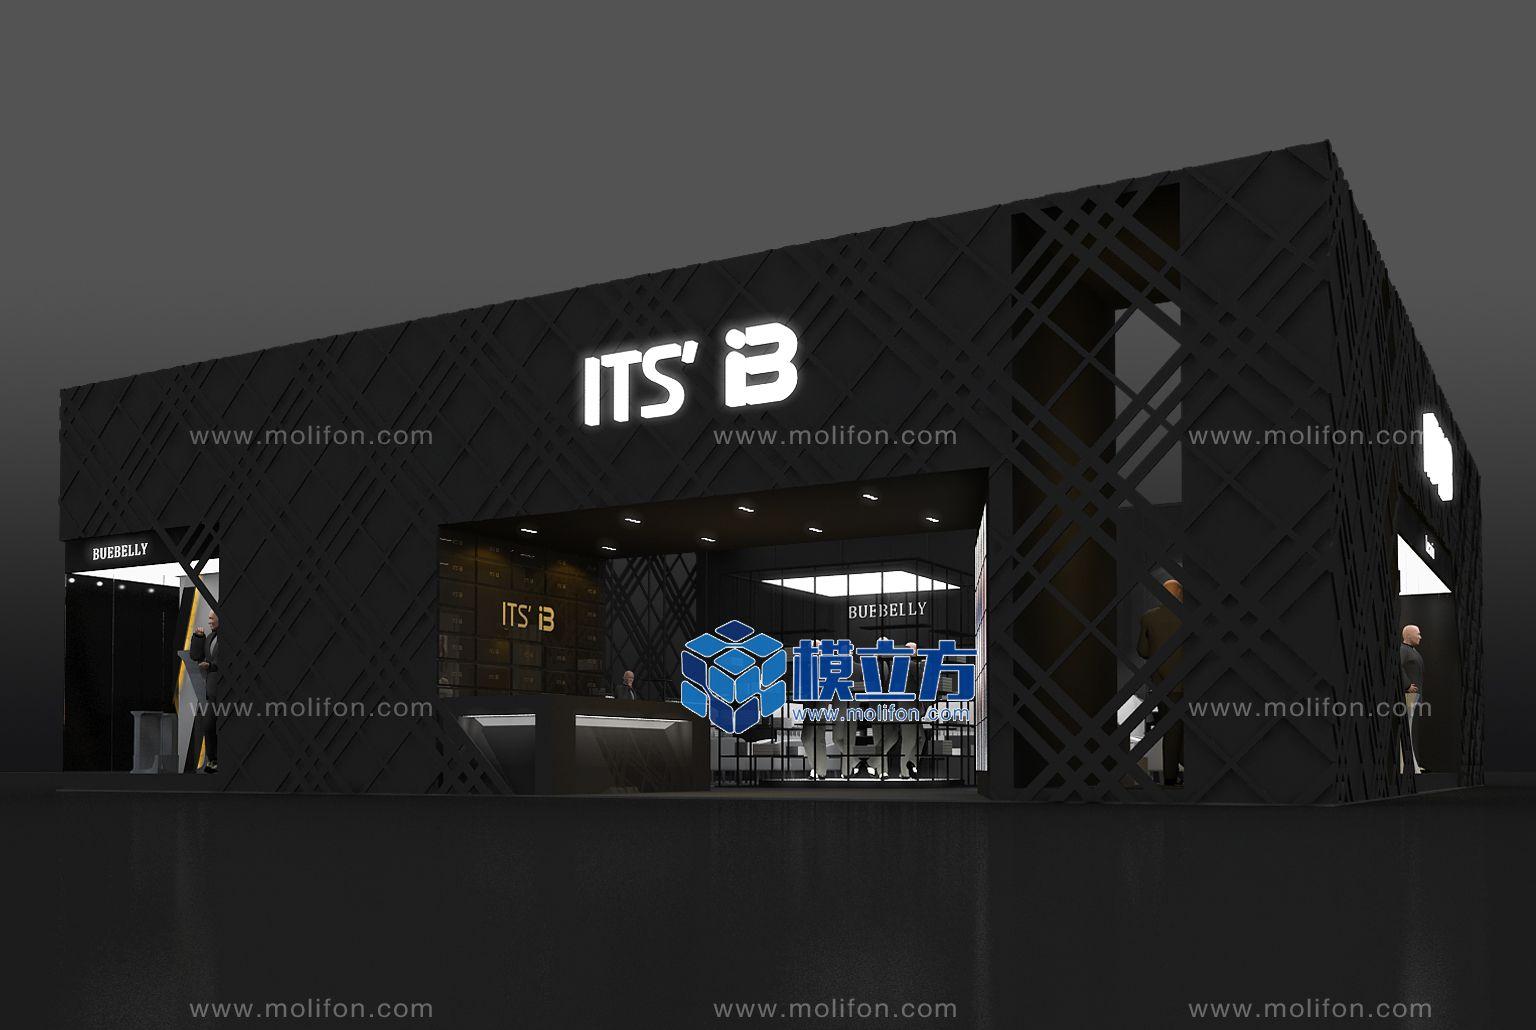 IB-15x15=225